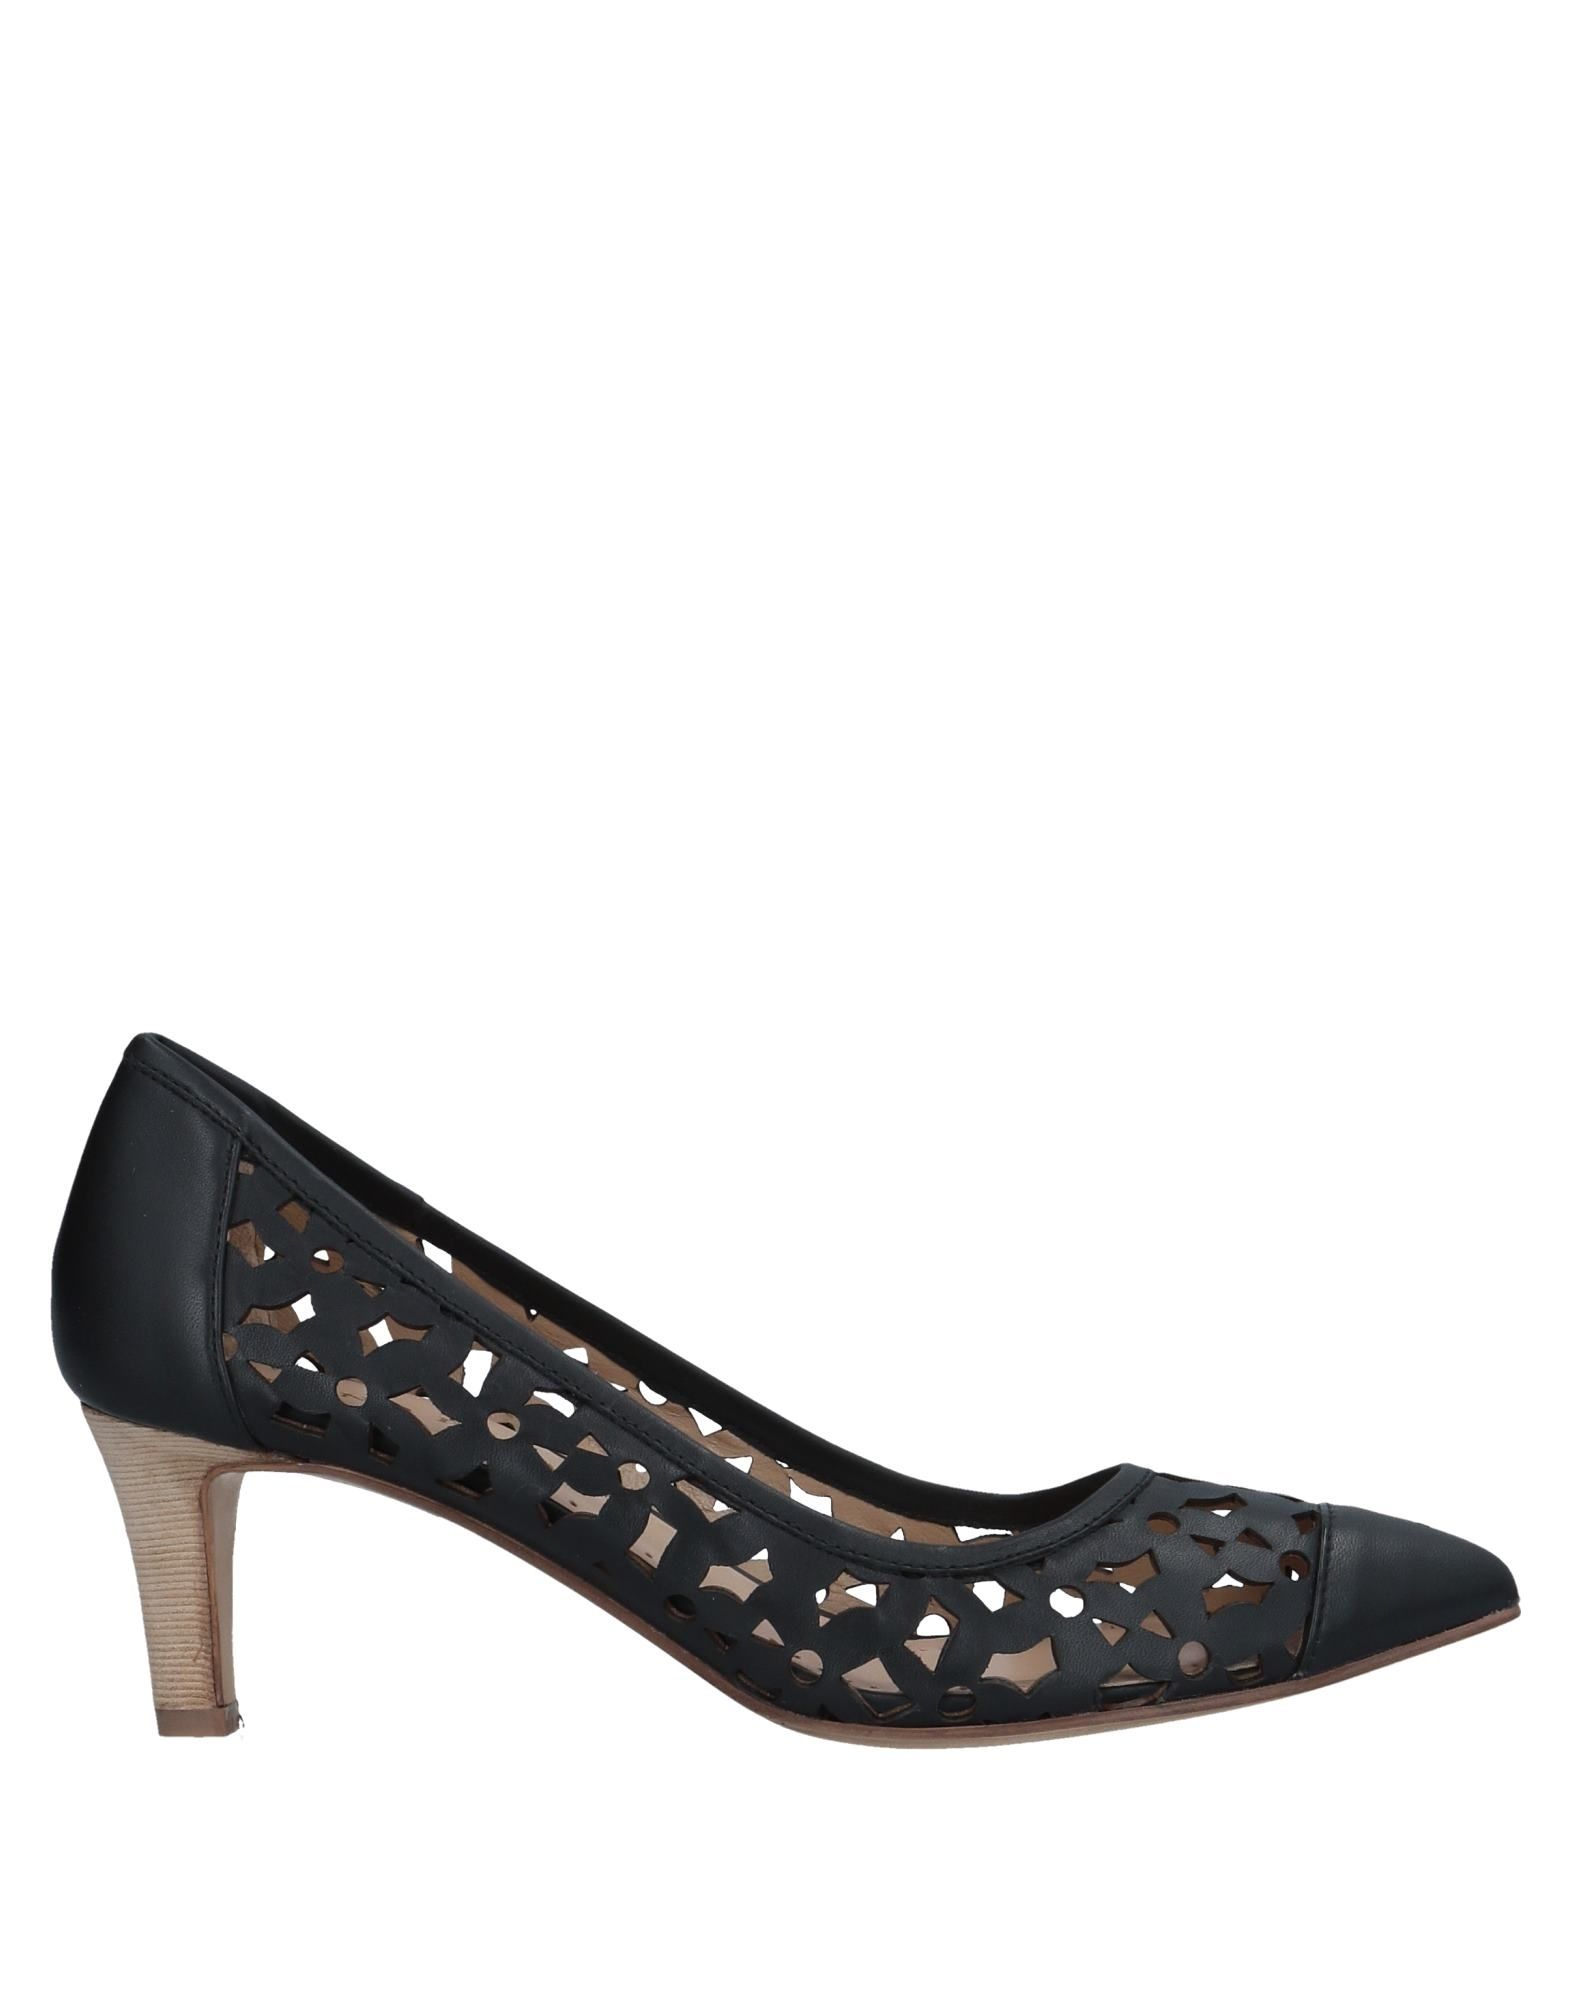 Bruno Premi Pumps Damen beliebte  11526991UW Gute Qualität beliebte Damen Schuhe 7d991b